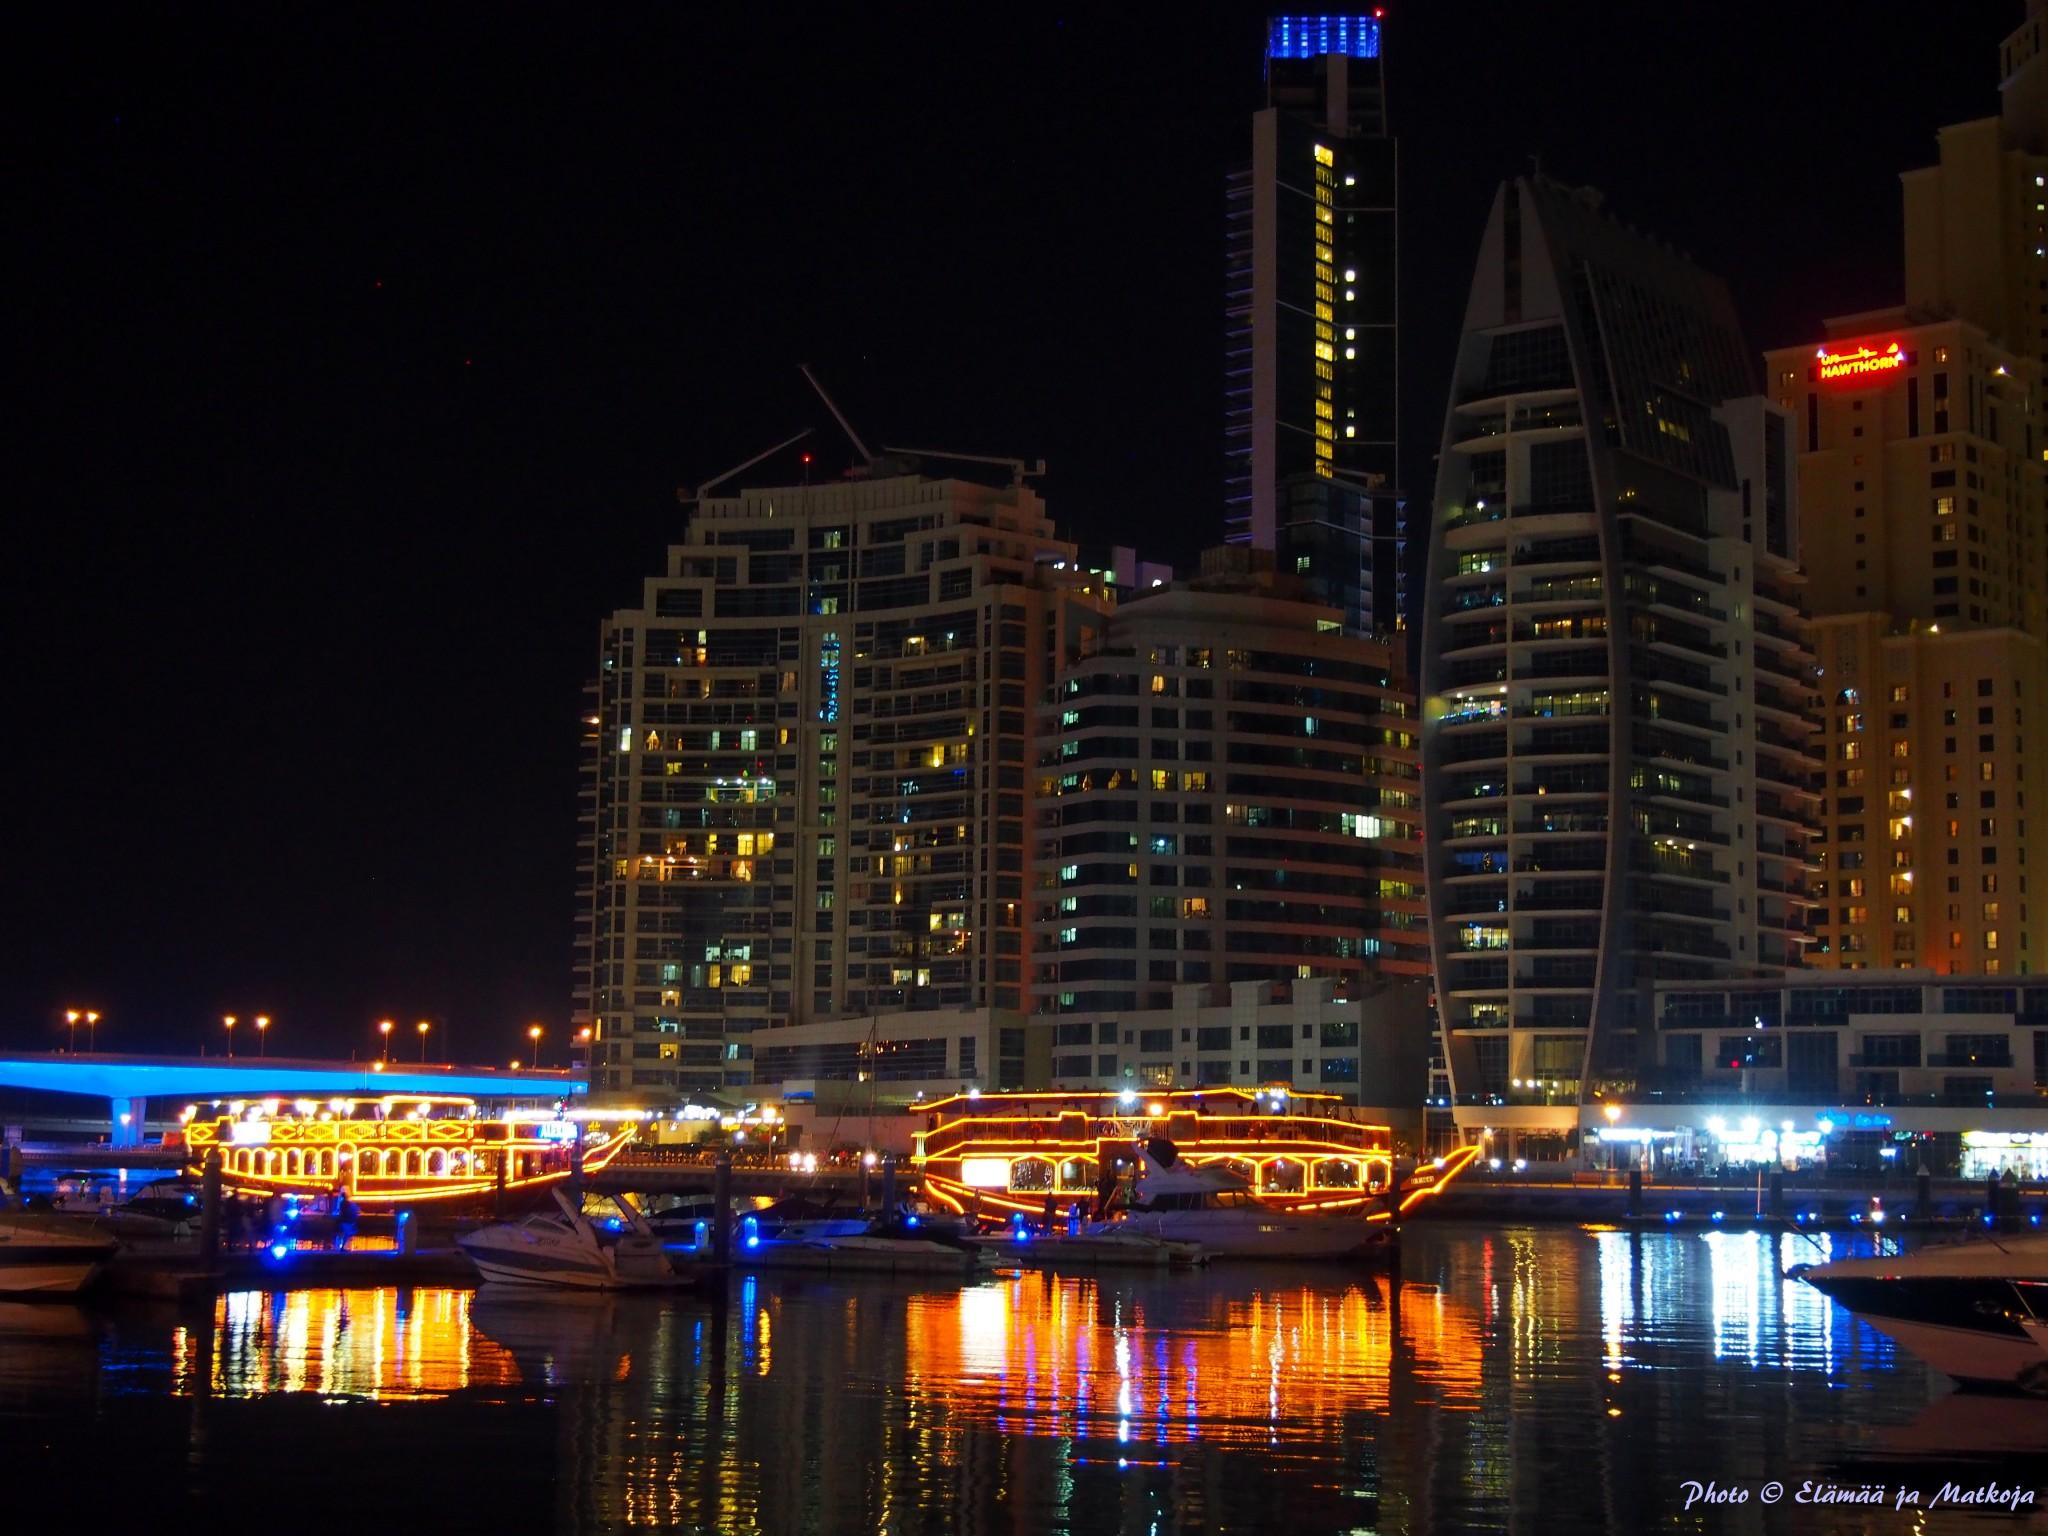 Pearl Marinan näkymä vastarannalle on iltavalaistuna kaunista katseltavaa.